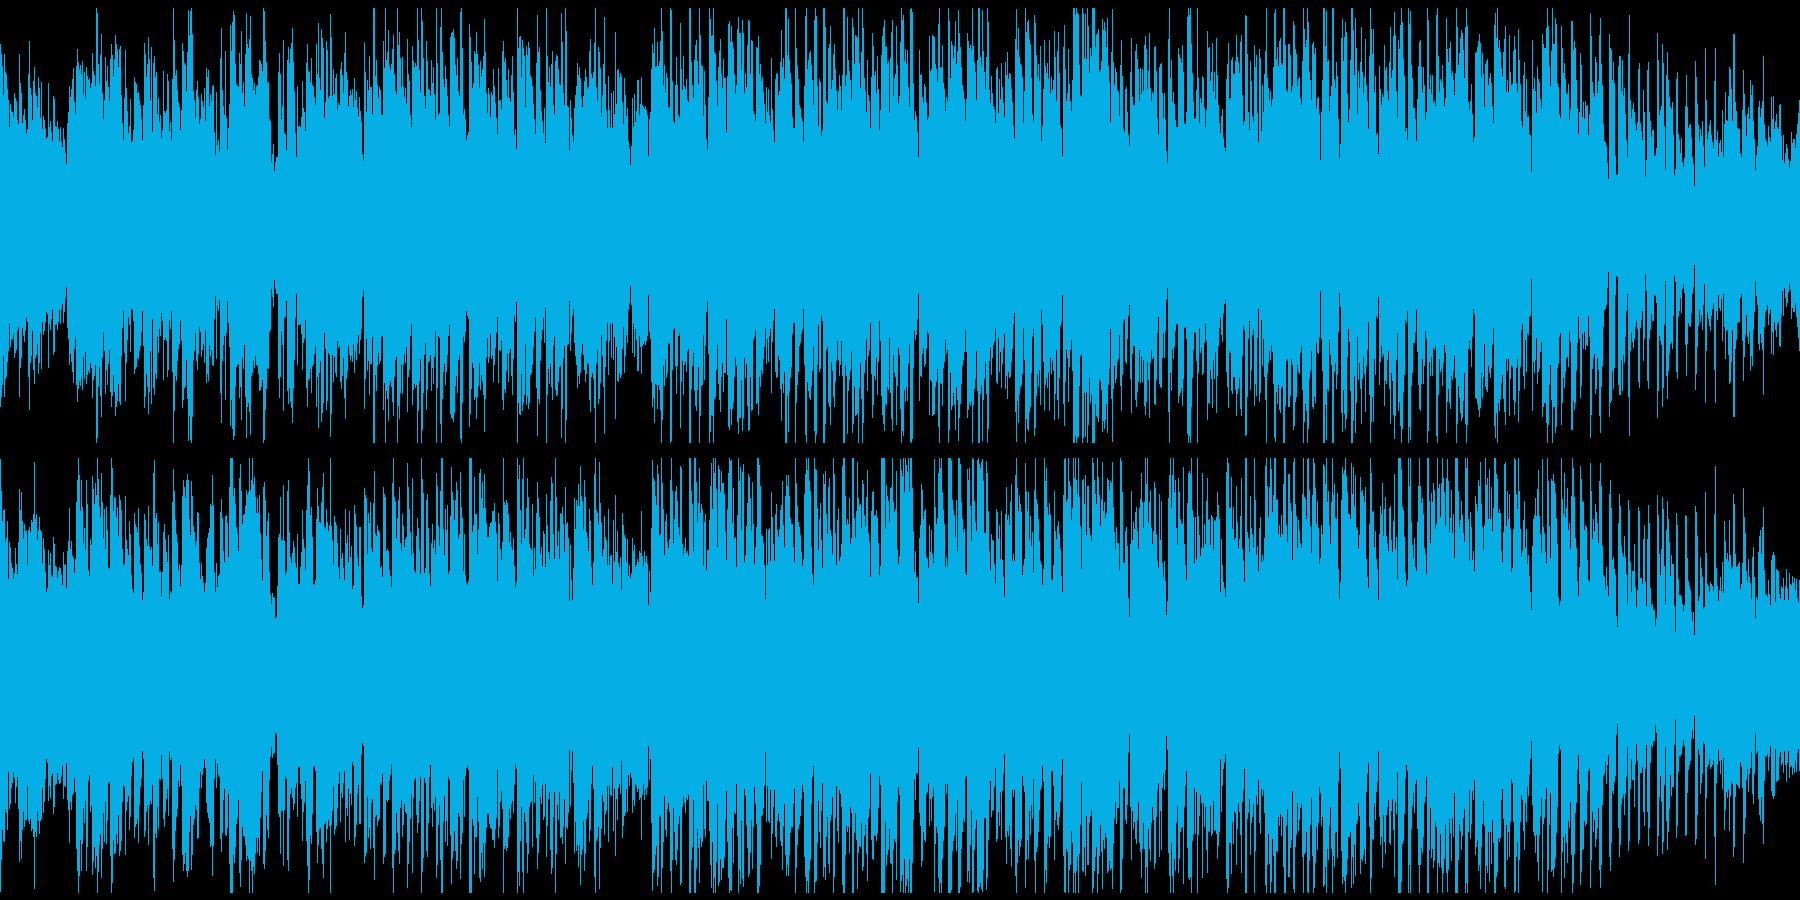 お祭り&ディスコな奇天烈和風曲※ループ版の再生済みの波形